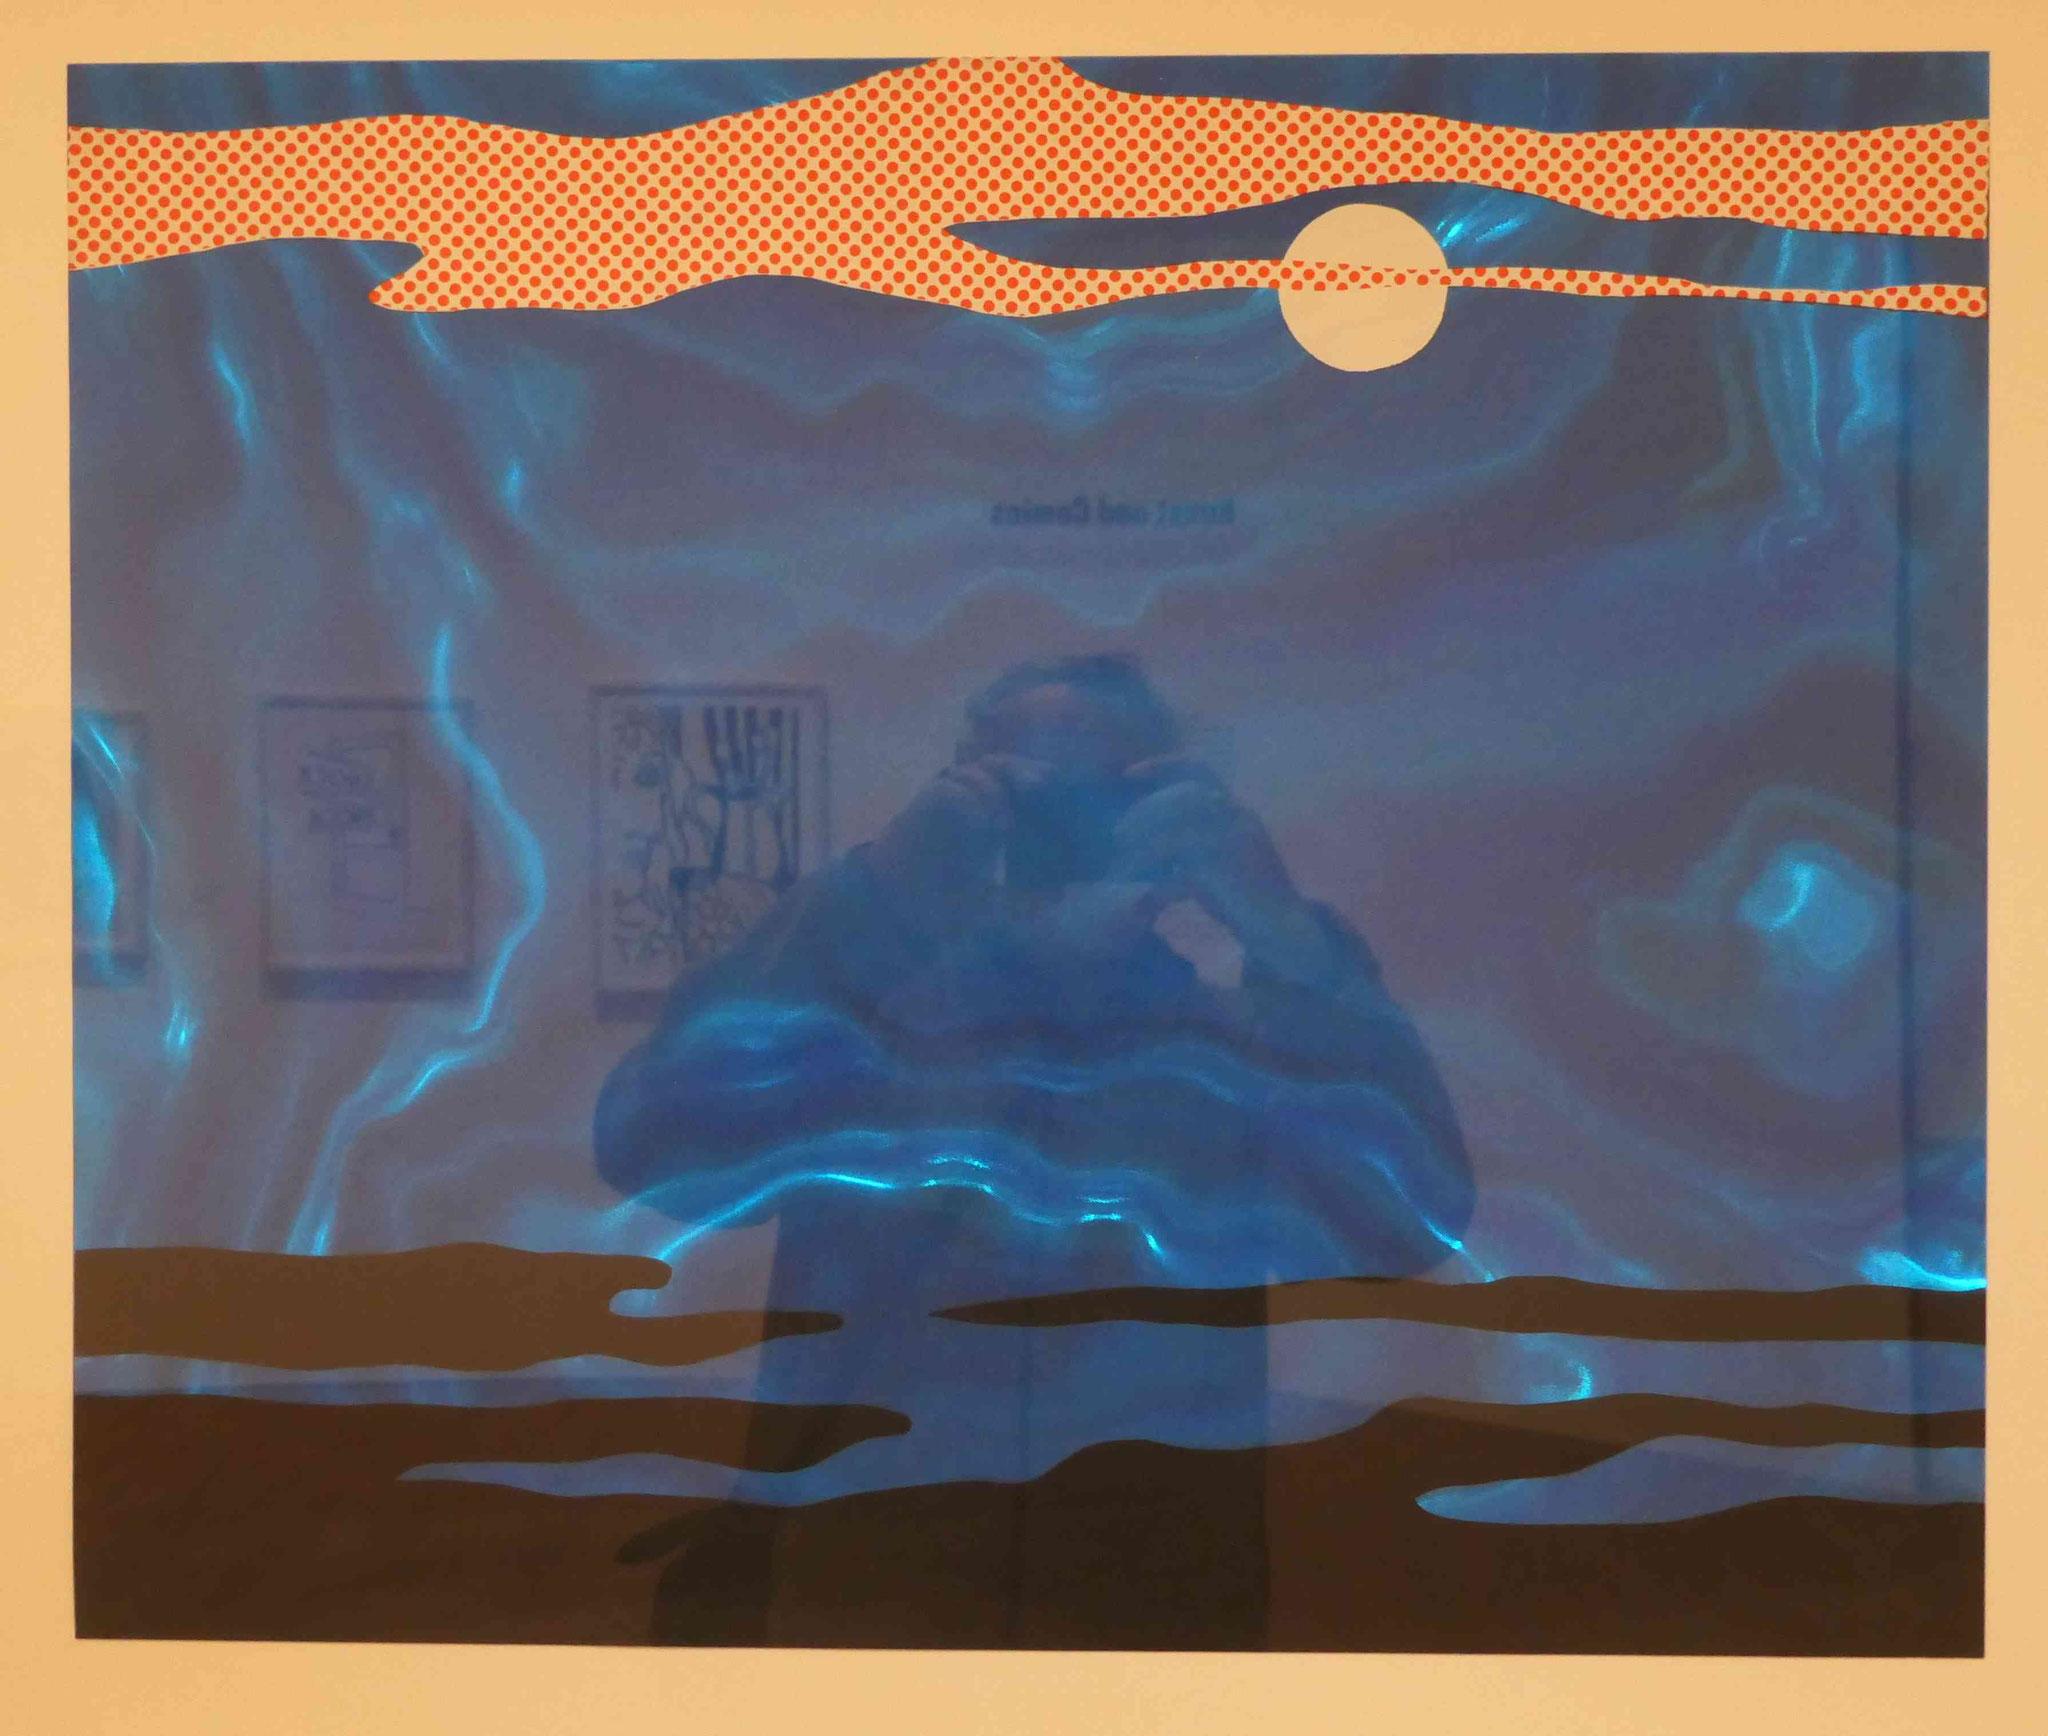 Roy Lichtenstein, Moonscape, Siebdruck auf Rowluxfolie, 1965/66, Nationalgalerie Berlin